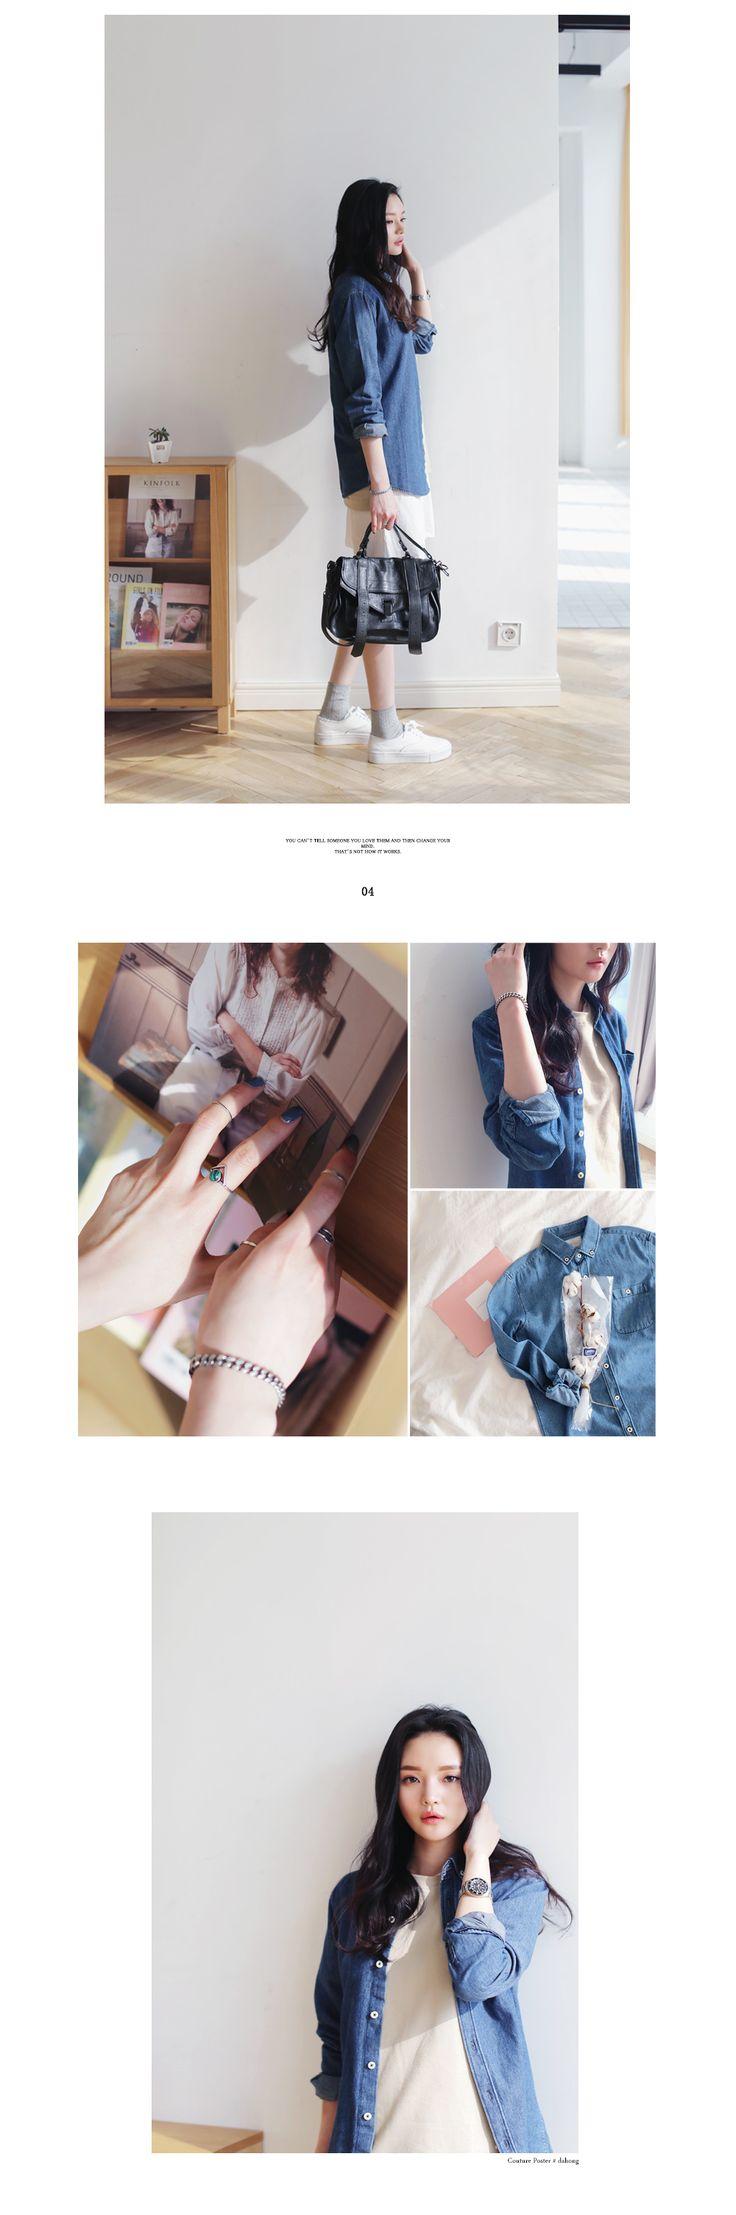 ボタンダウンデニムシャツ・全2色シャツ・ブラウスシャツ|レディースファッション通販 DHOLICディーホリック [ファストファッション 水着 ワンピース]